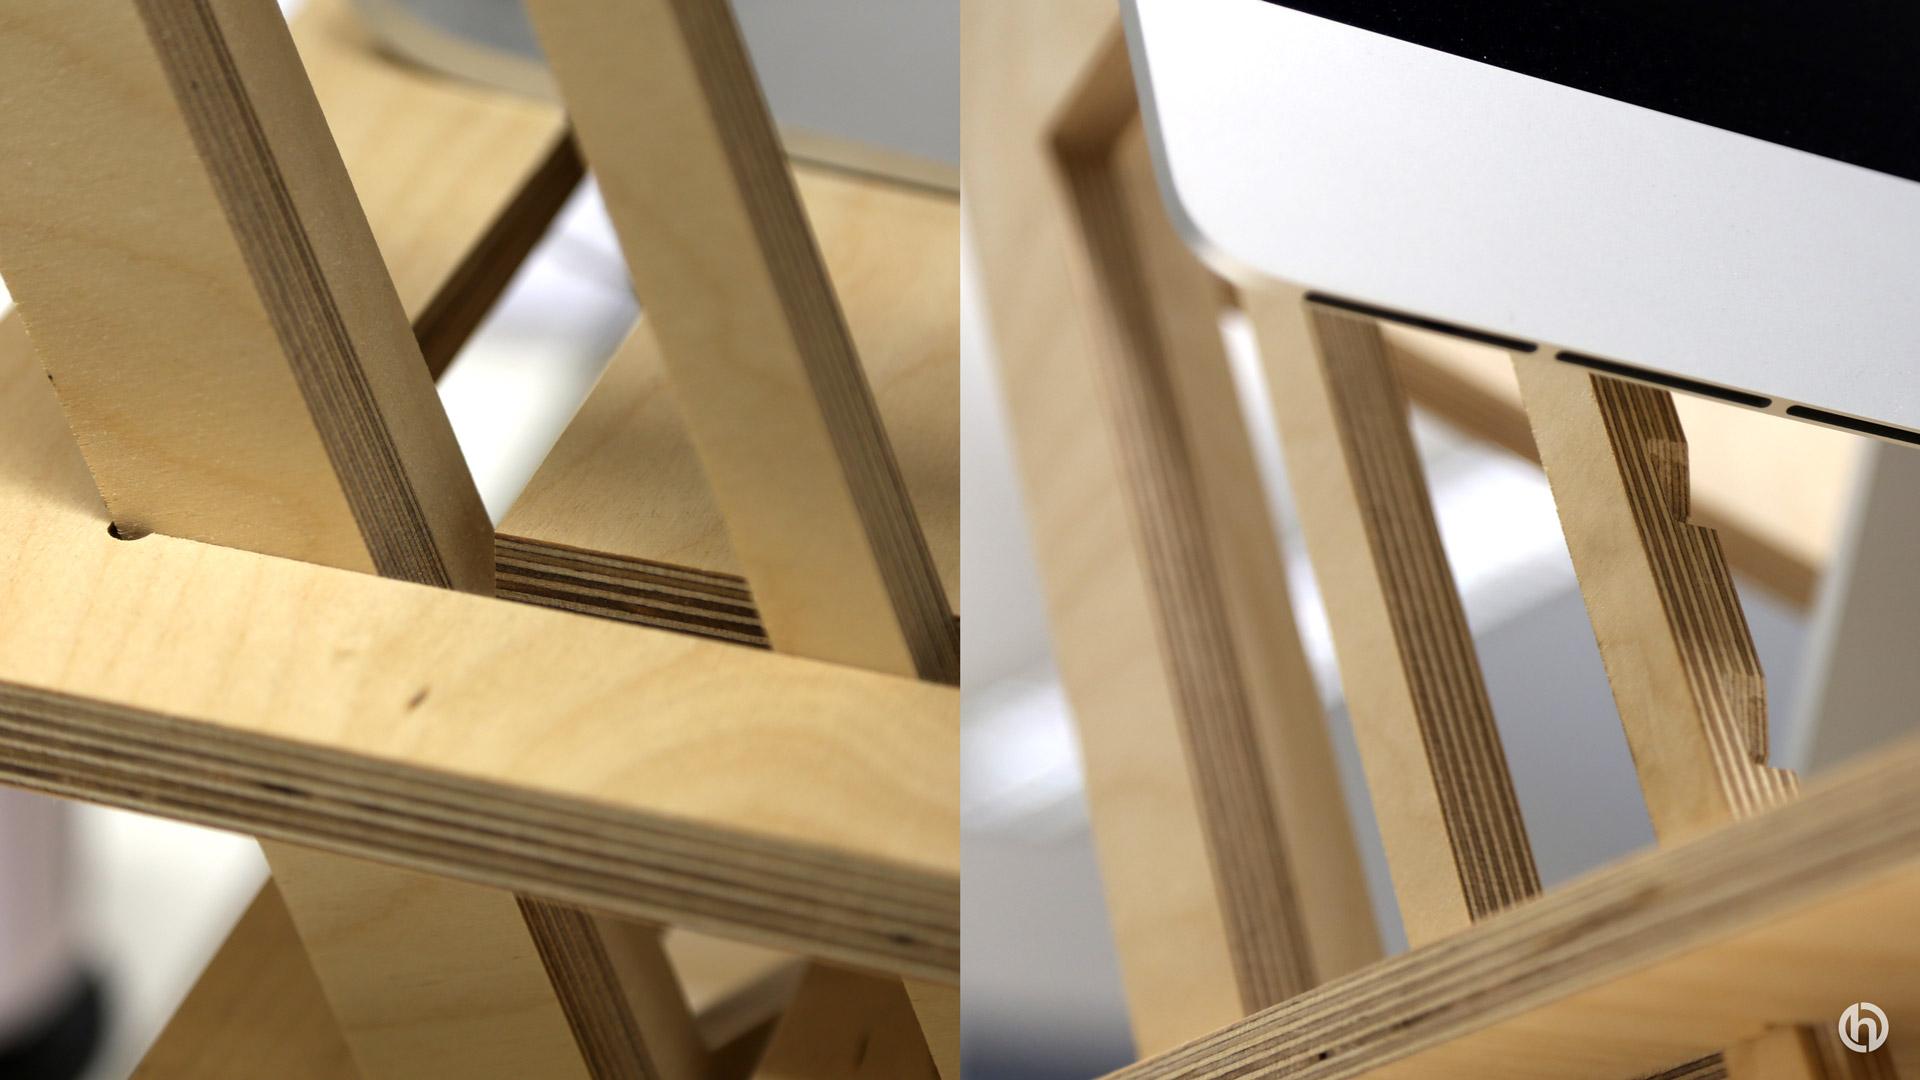 Helmm standing desk details